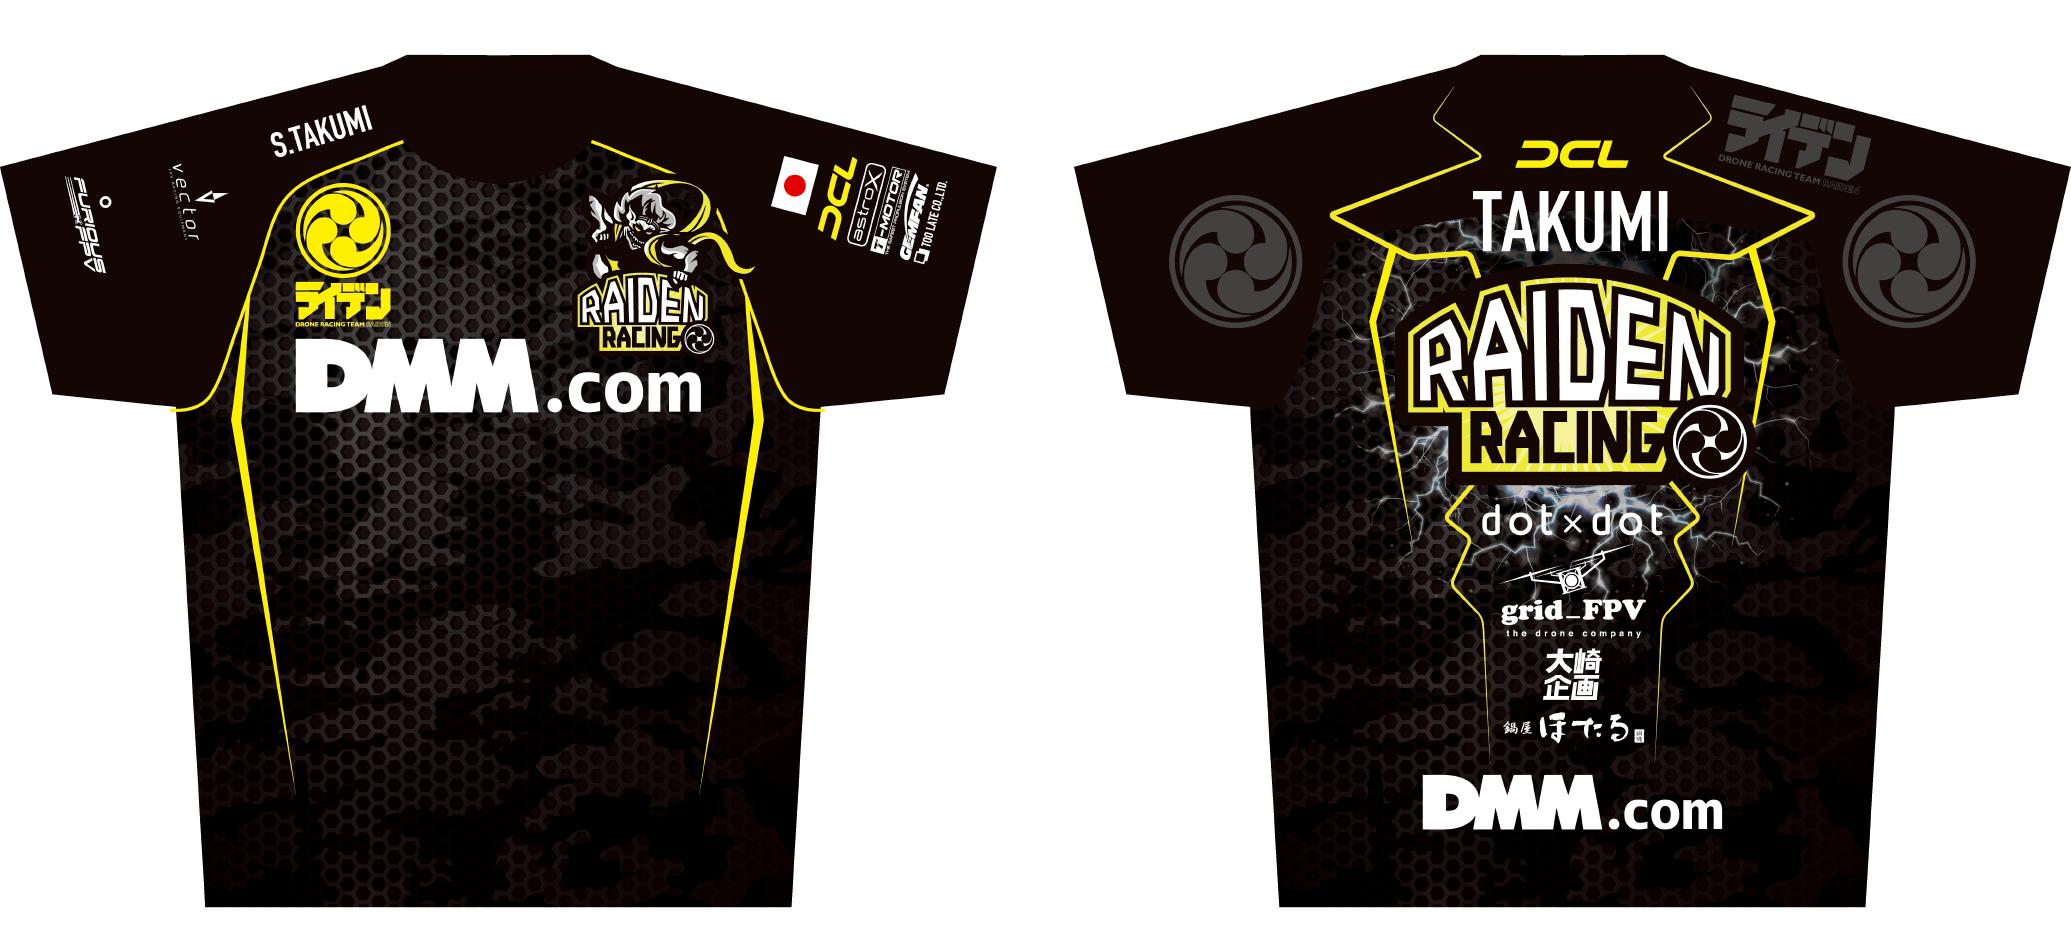 合同会社DMM.comとオフィシャルスポンサー契約締結、『DMM RAIDEN RACING』として始動開始!